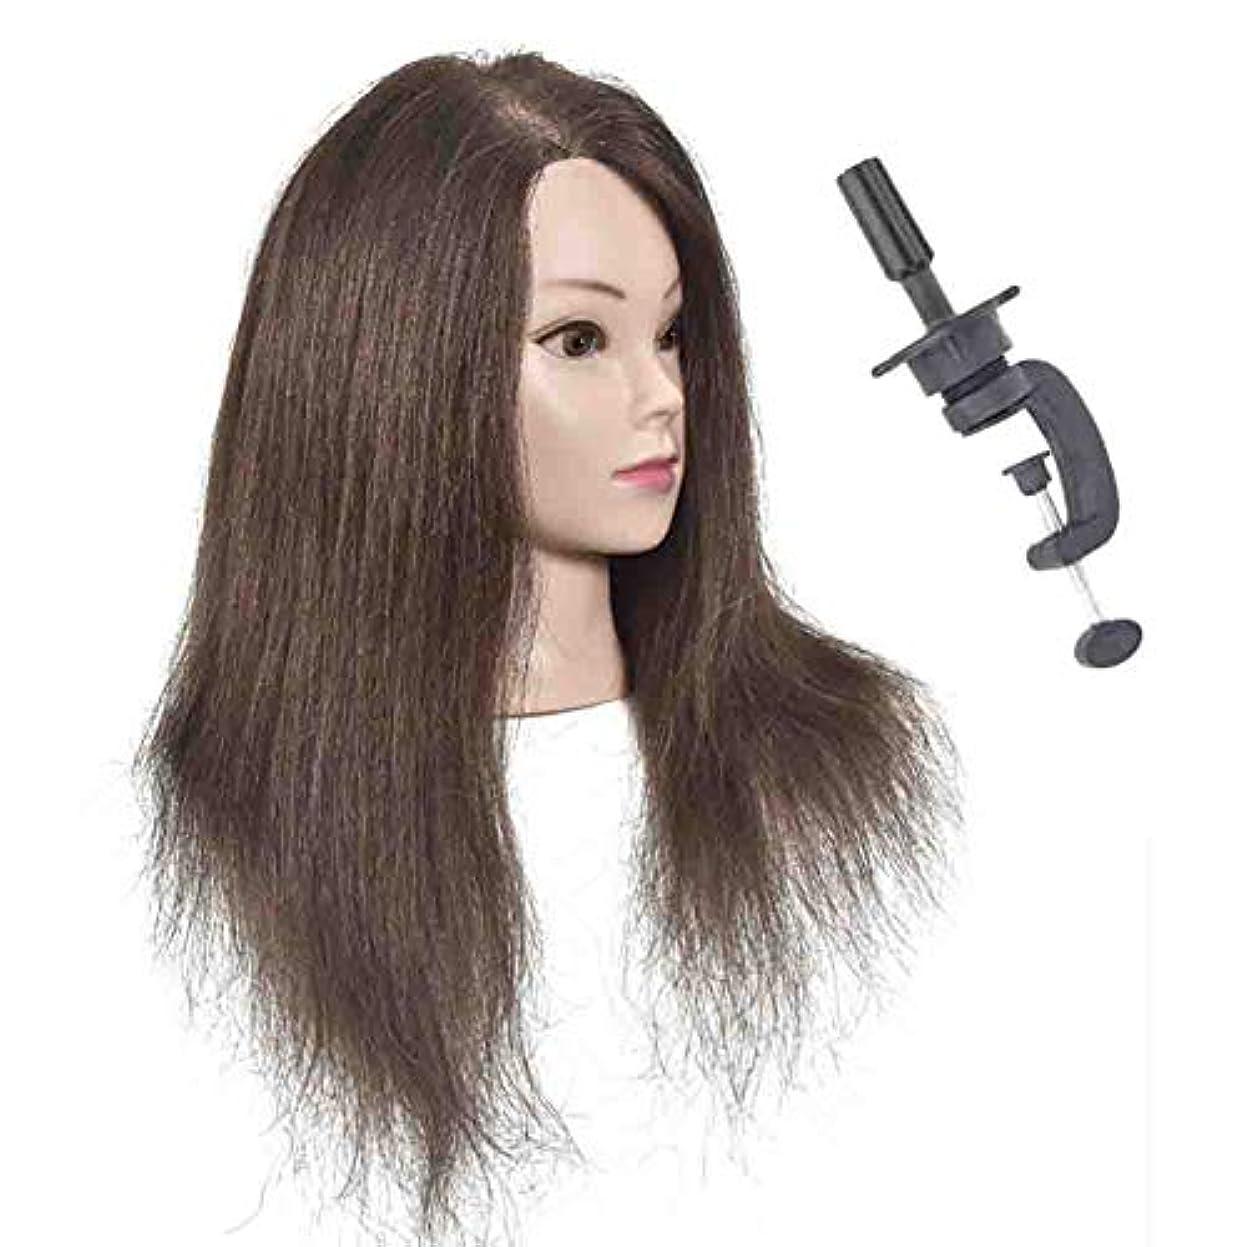 脈拍顕現縁石リアルヘアワイヤーヘアティーチングヘッドパーマヘアウィービングヘアモデルヘアダイイング理髪ダミーヘッドモデル